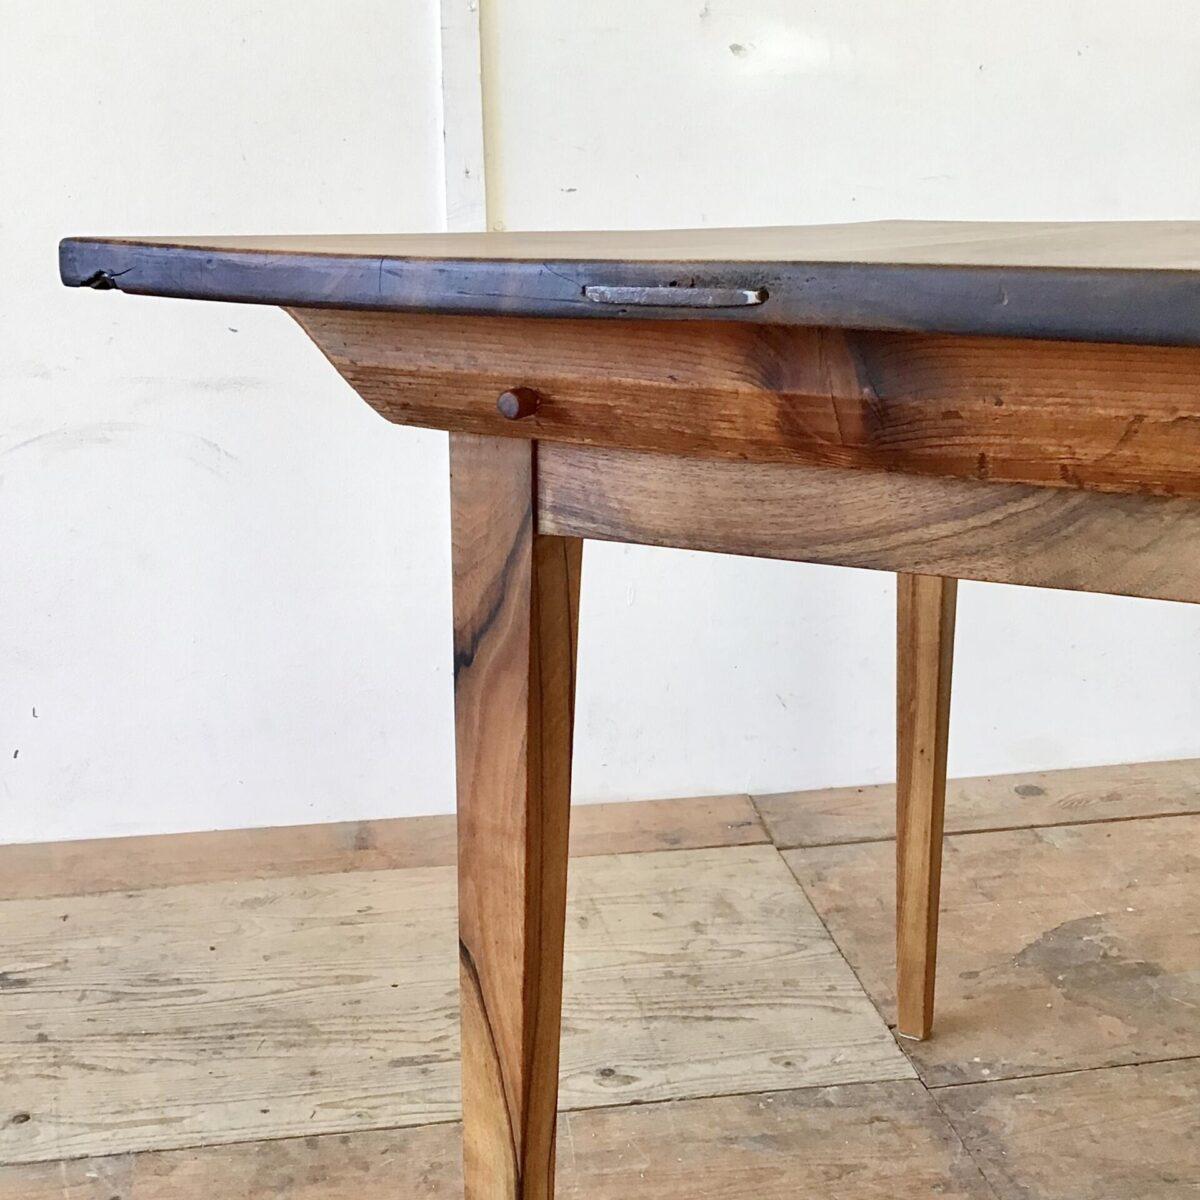 Kleiner Nussbaum Biedermeiertisch aus Nussbaumholz. 104x78cm Höhe 75.5cm. Dieser Schreibtisch oder Küchentisch hat eine satte lebhafte Holzmaserung. Das Tischblatt bestehend aus drei breiten brettern hat ein paar eingesetzte Flicke. An den Stirnseiten sind die Leimfugen mit Metallklammern verstärkt. Die abnehmbare Tischplatte ist mittels Holzzapfen mit dem Unterbau verbunden. Die Holzoberflächen sind mit Naturöl behandelt.